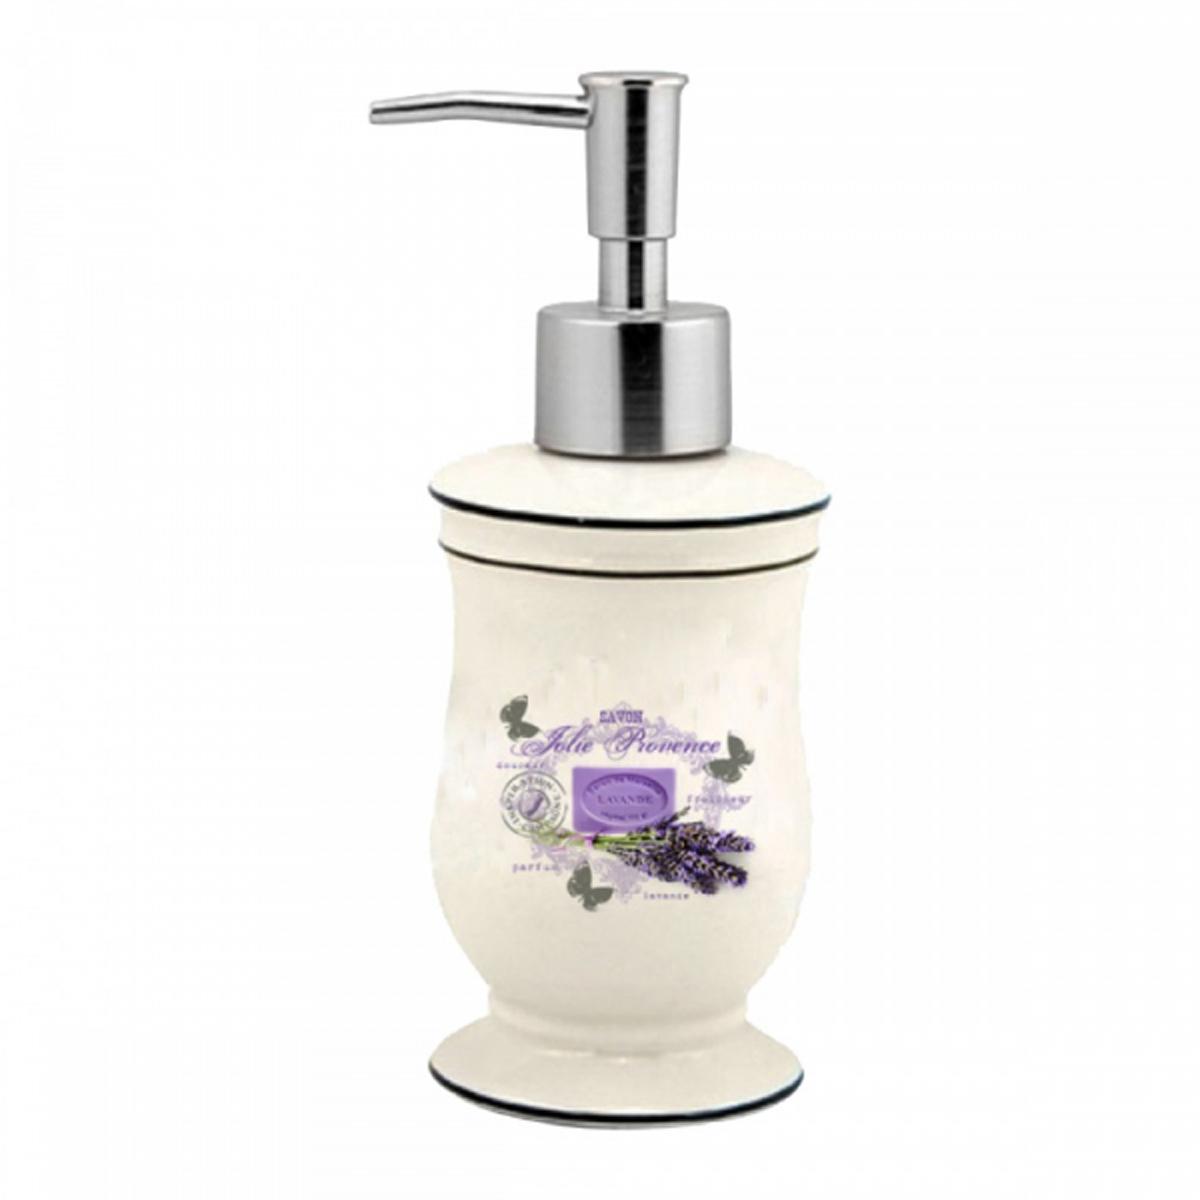 Distributeur de savon céramique \'Lavande Jolie Provence\' beige violet (rétro) - 175x85 cm - [N7966]